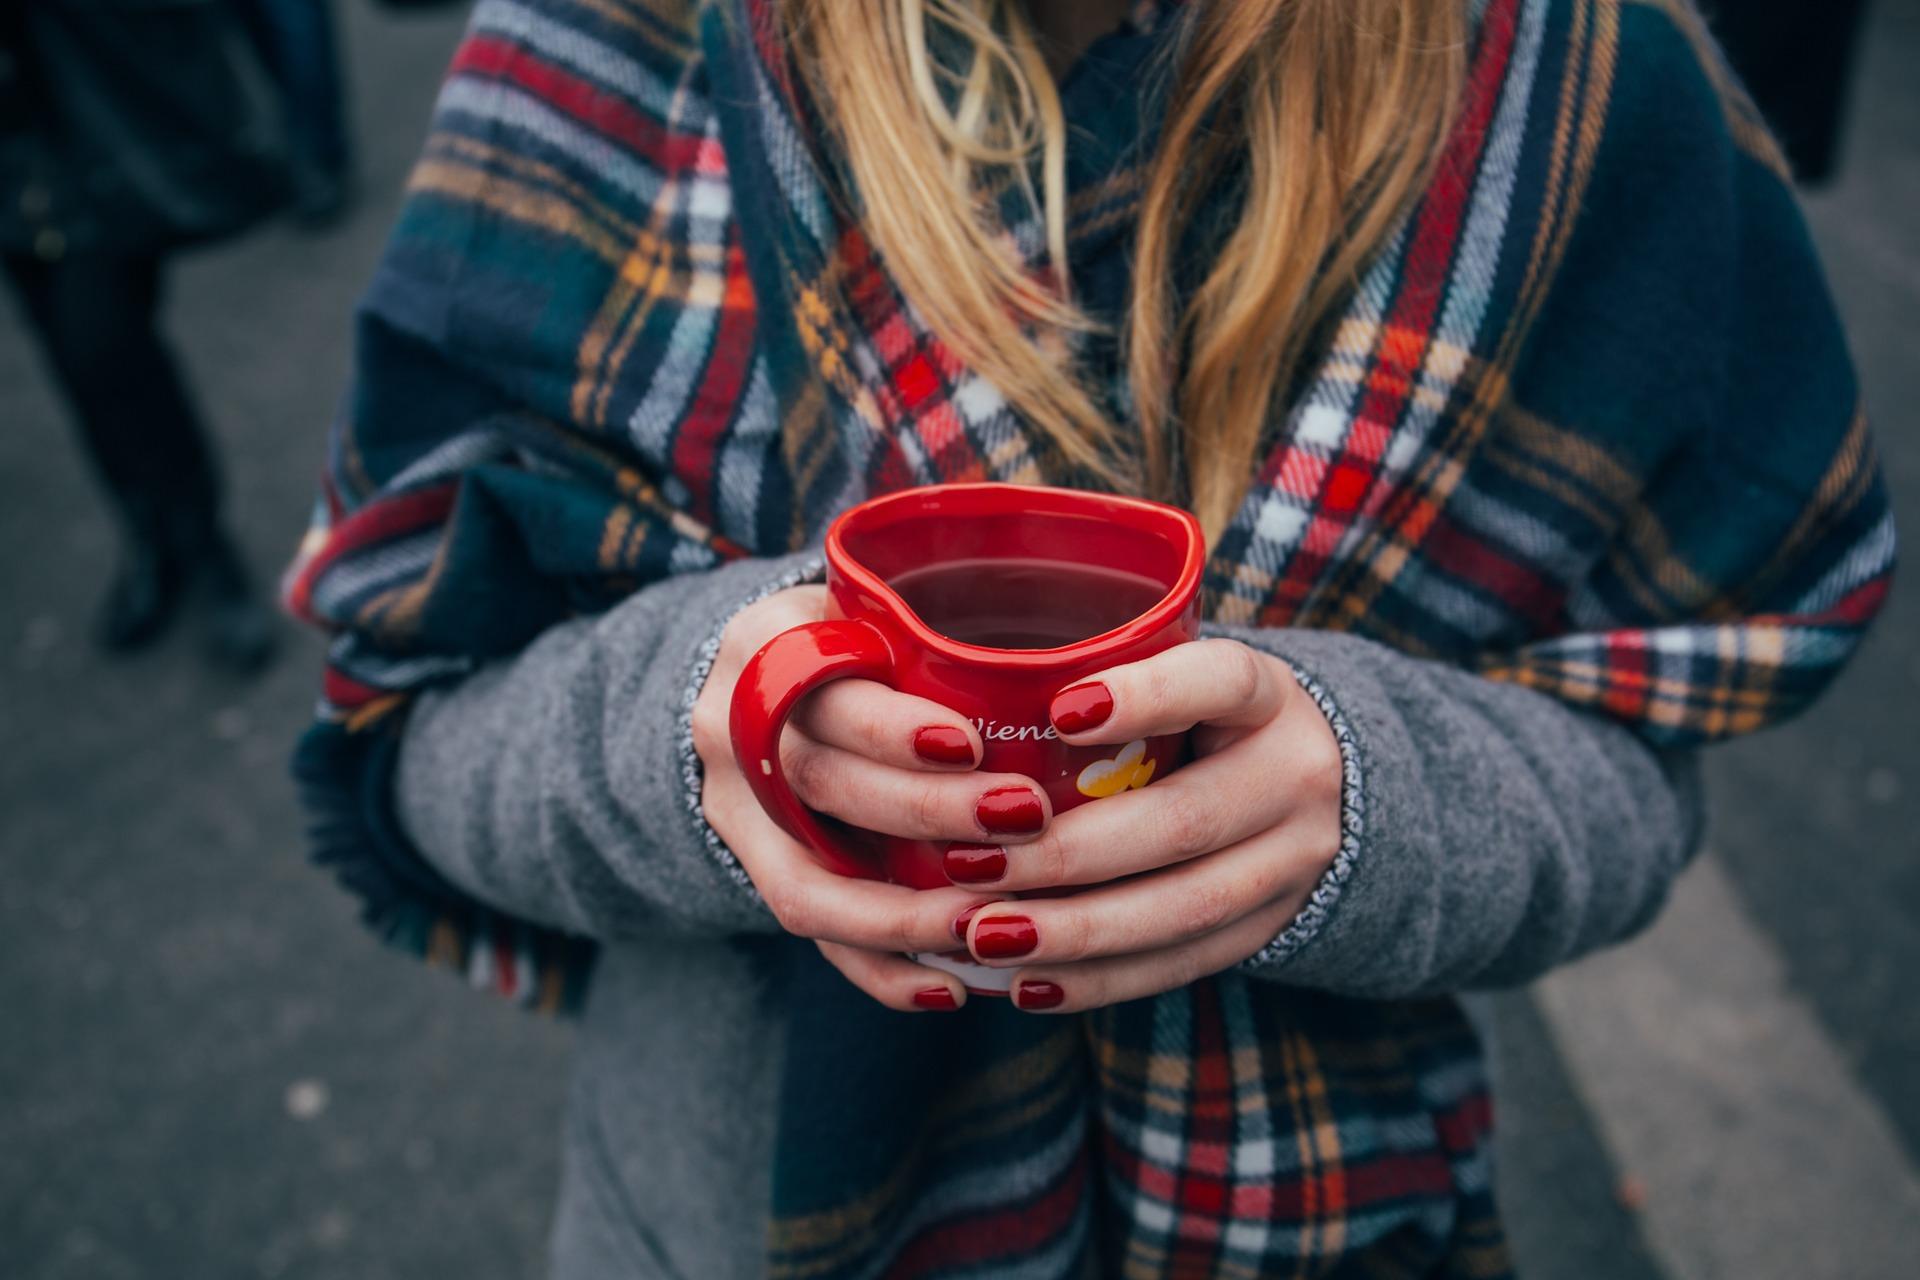 Κύπελλο, καφέ, γυναίκα, κασκόλ, τα χέρια, καρφιά, ποτά, Κόκκινο - Wallpapers HD - Professor-falken.com